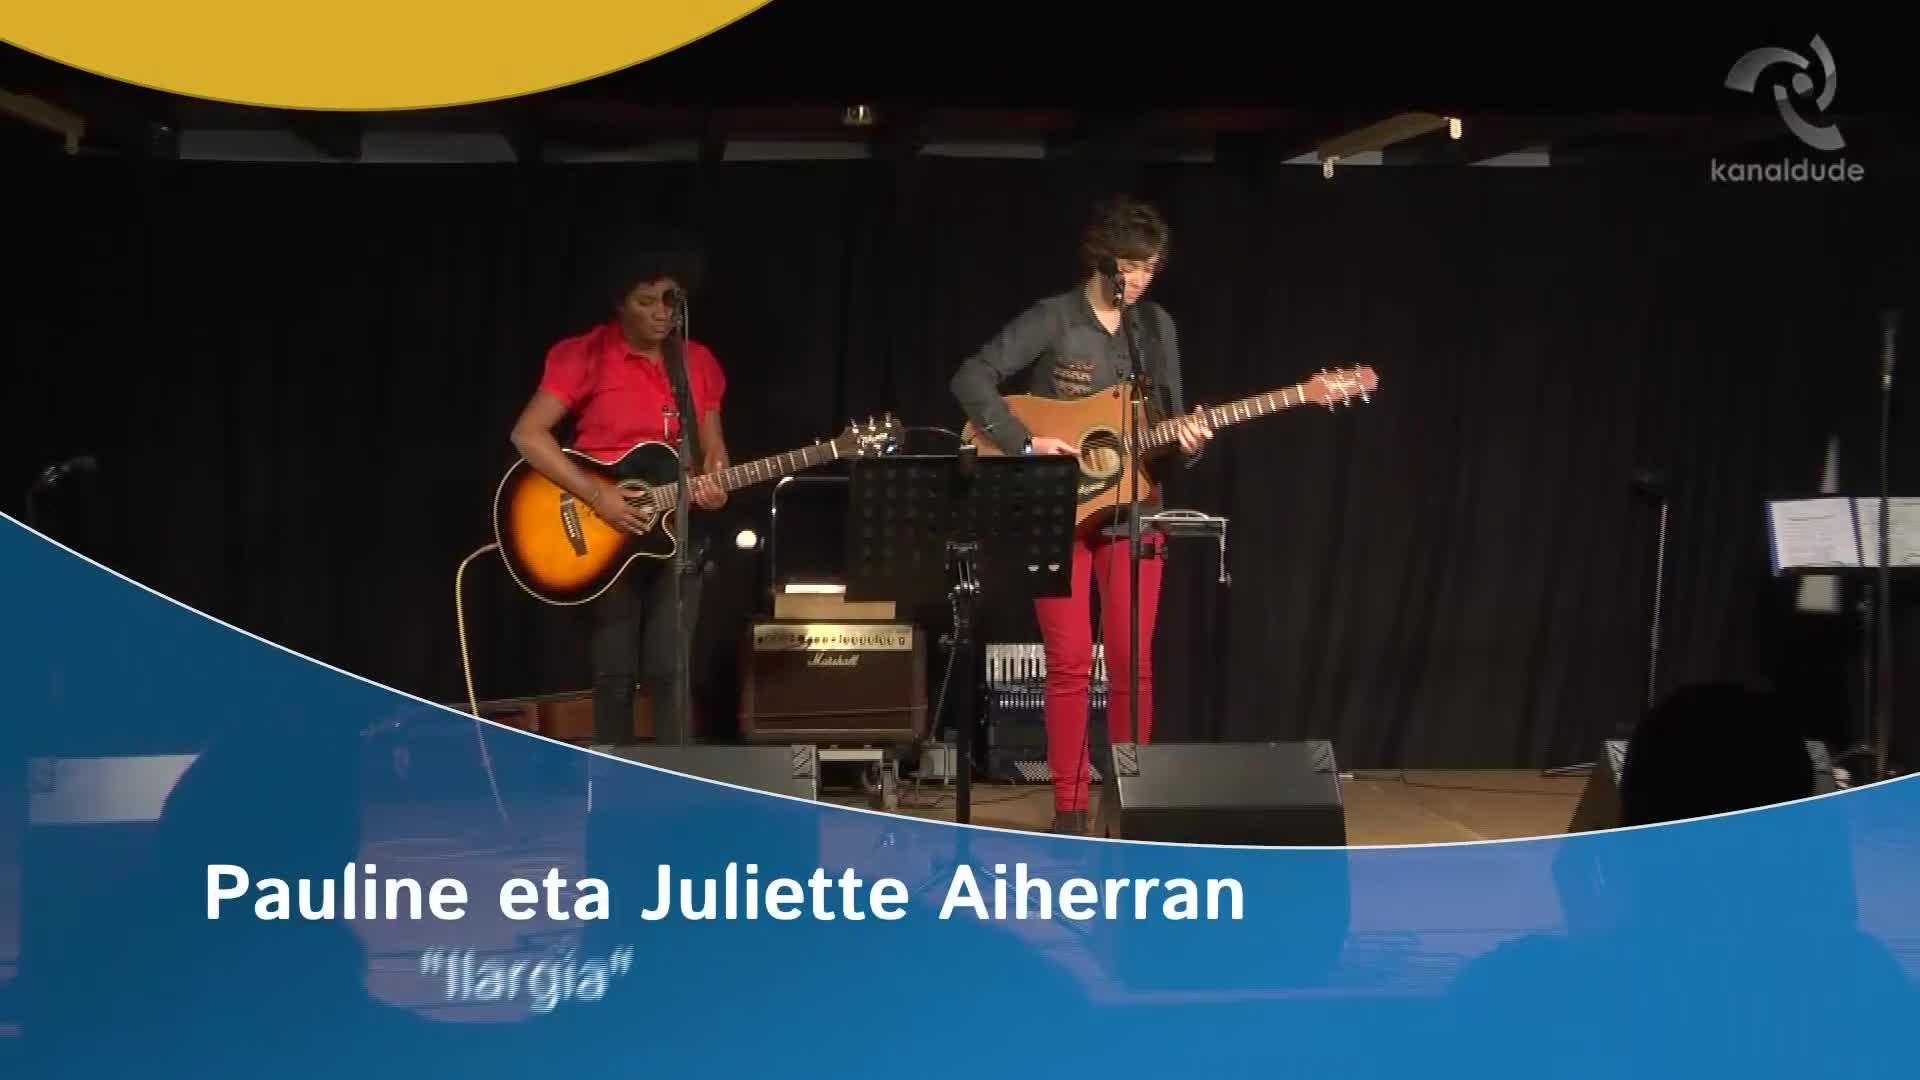 """Pauline eta Juliette Aiherran: """"Ilargia"""""""